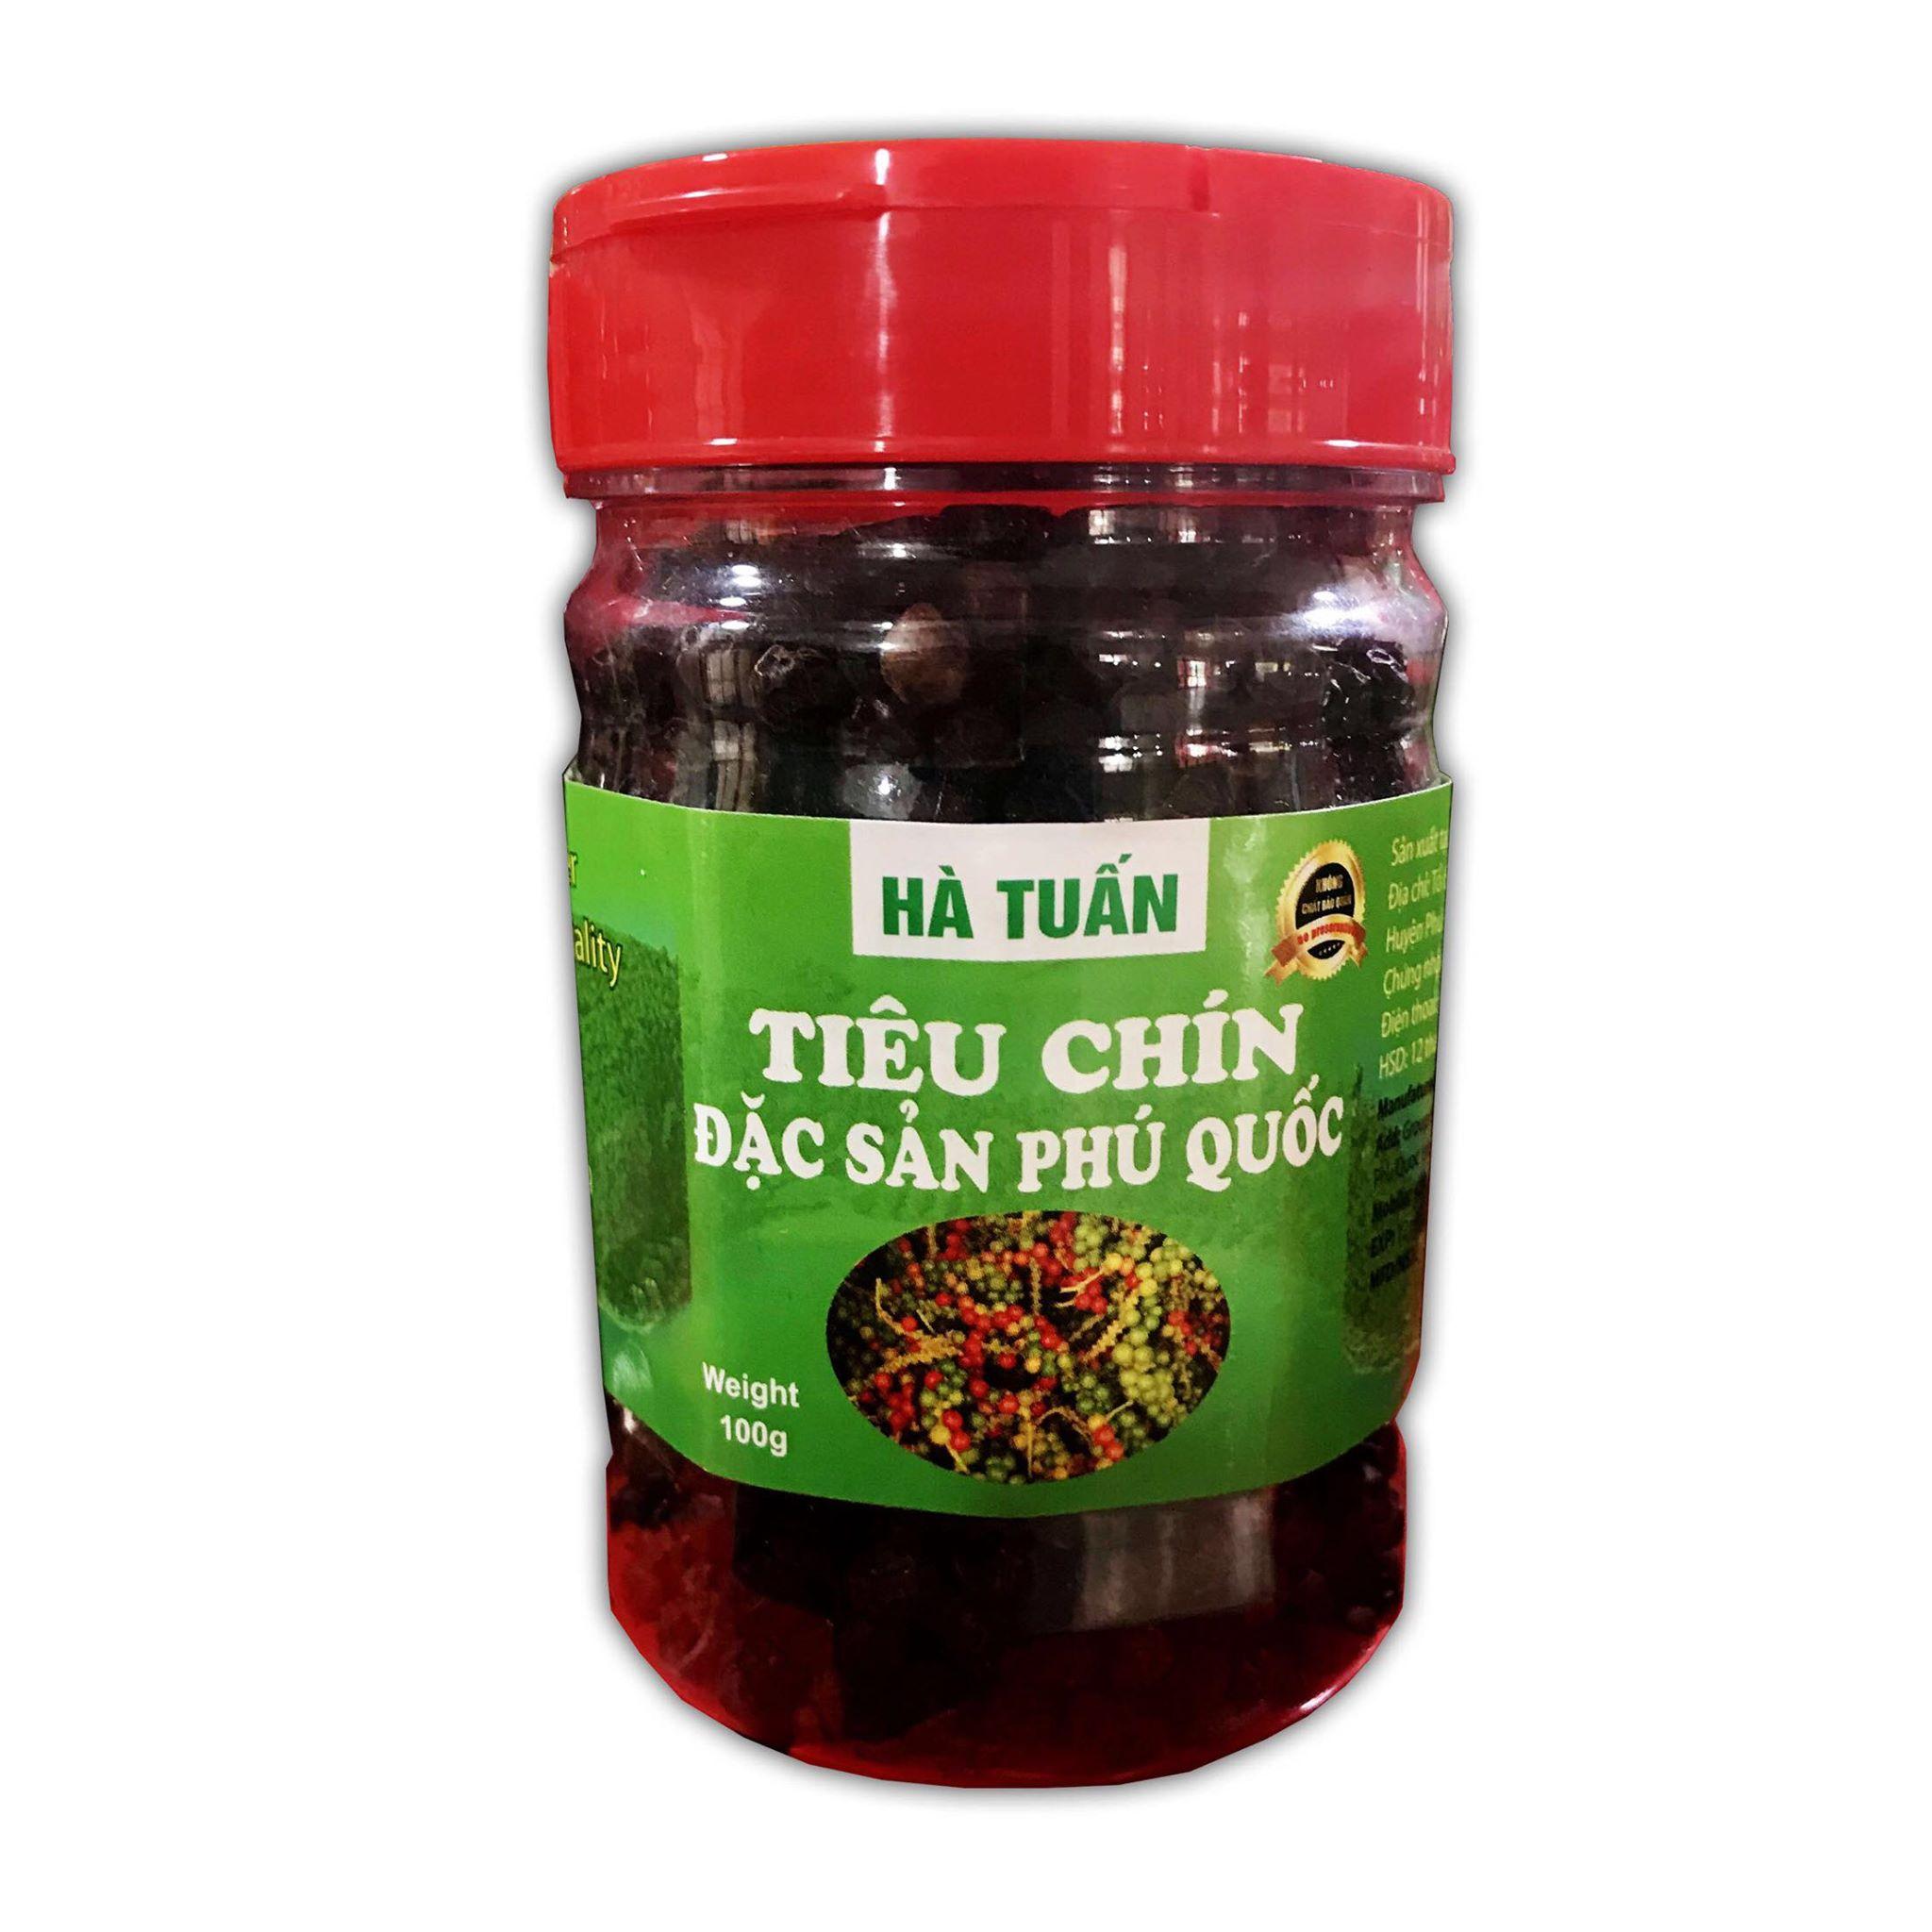 Tiêu chín Hà Tuấn - Đặc sản Phú Quốc